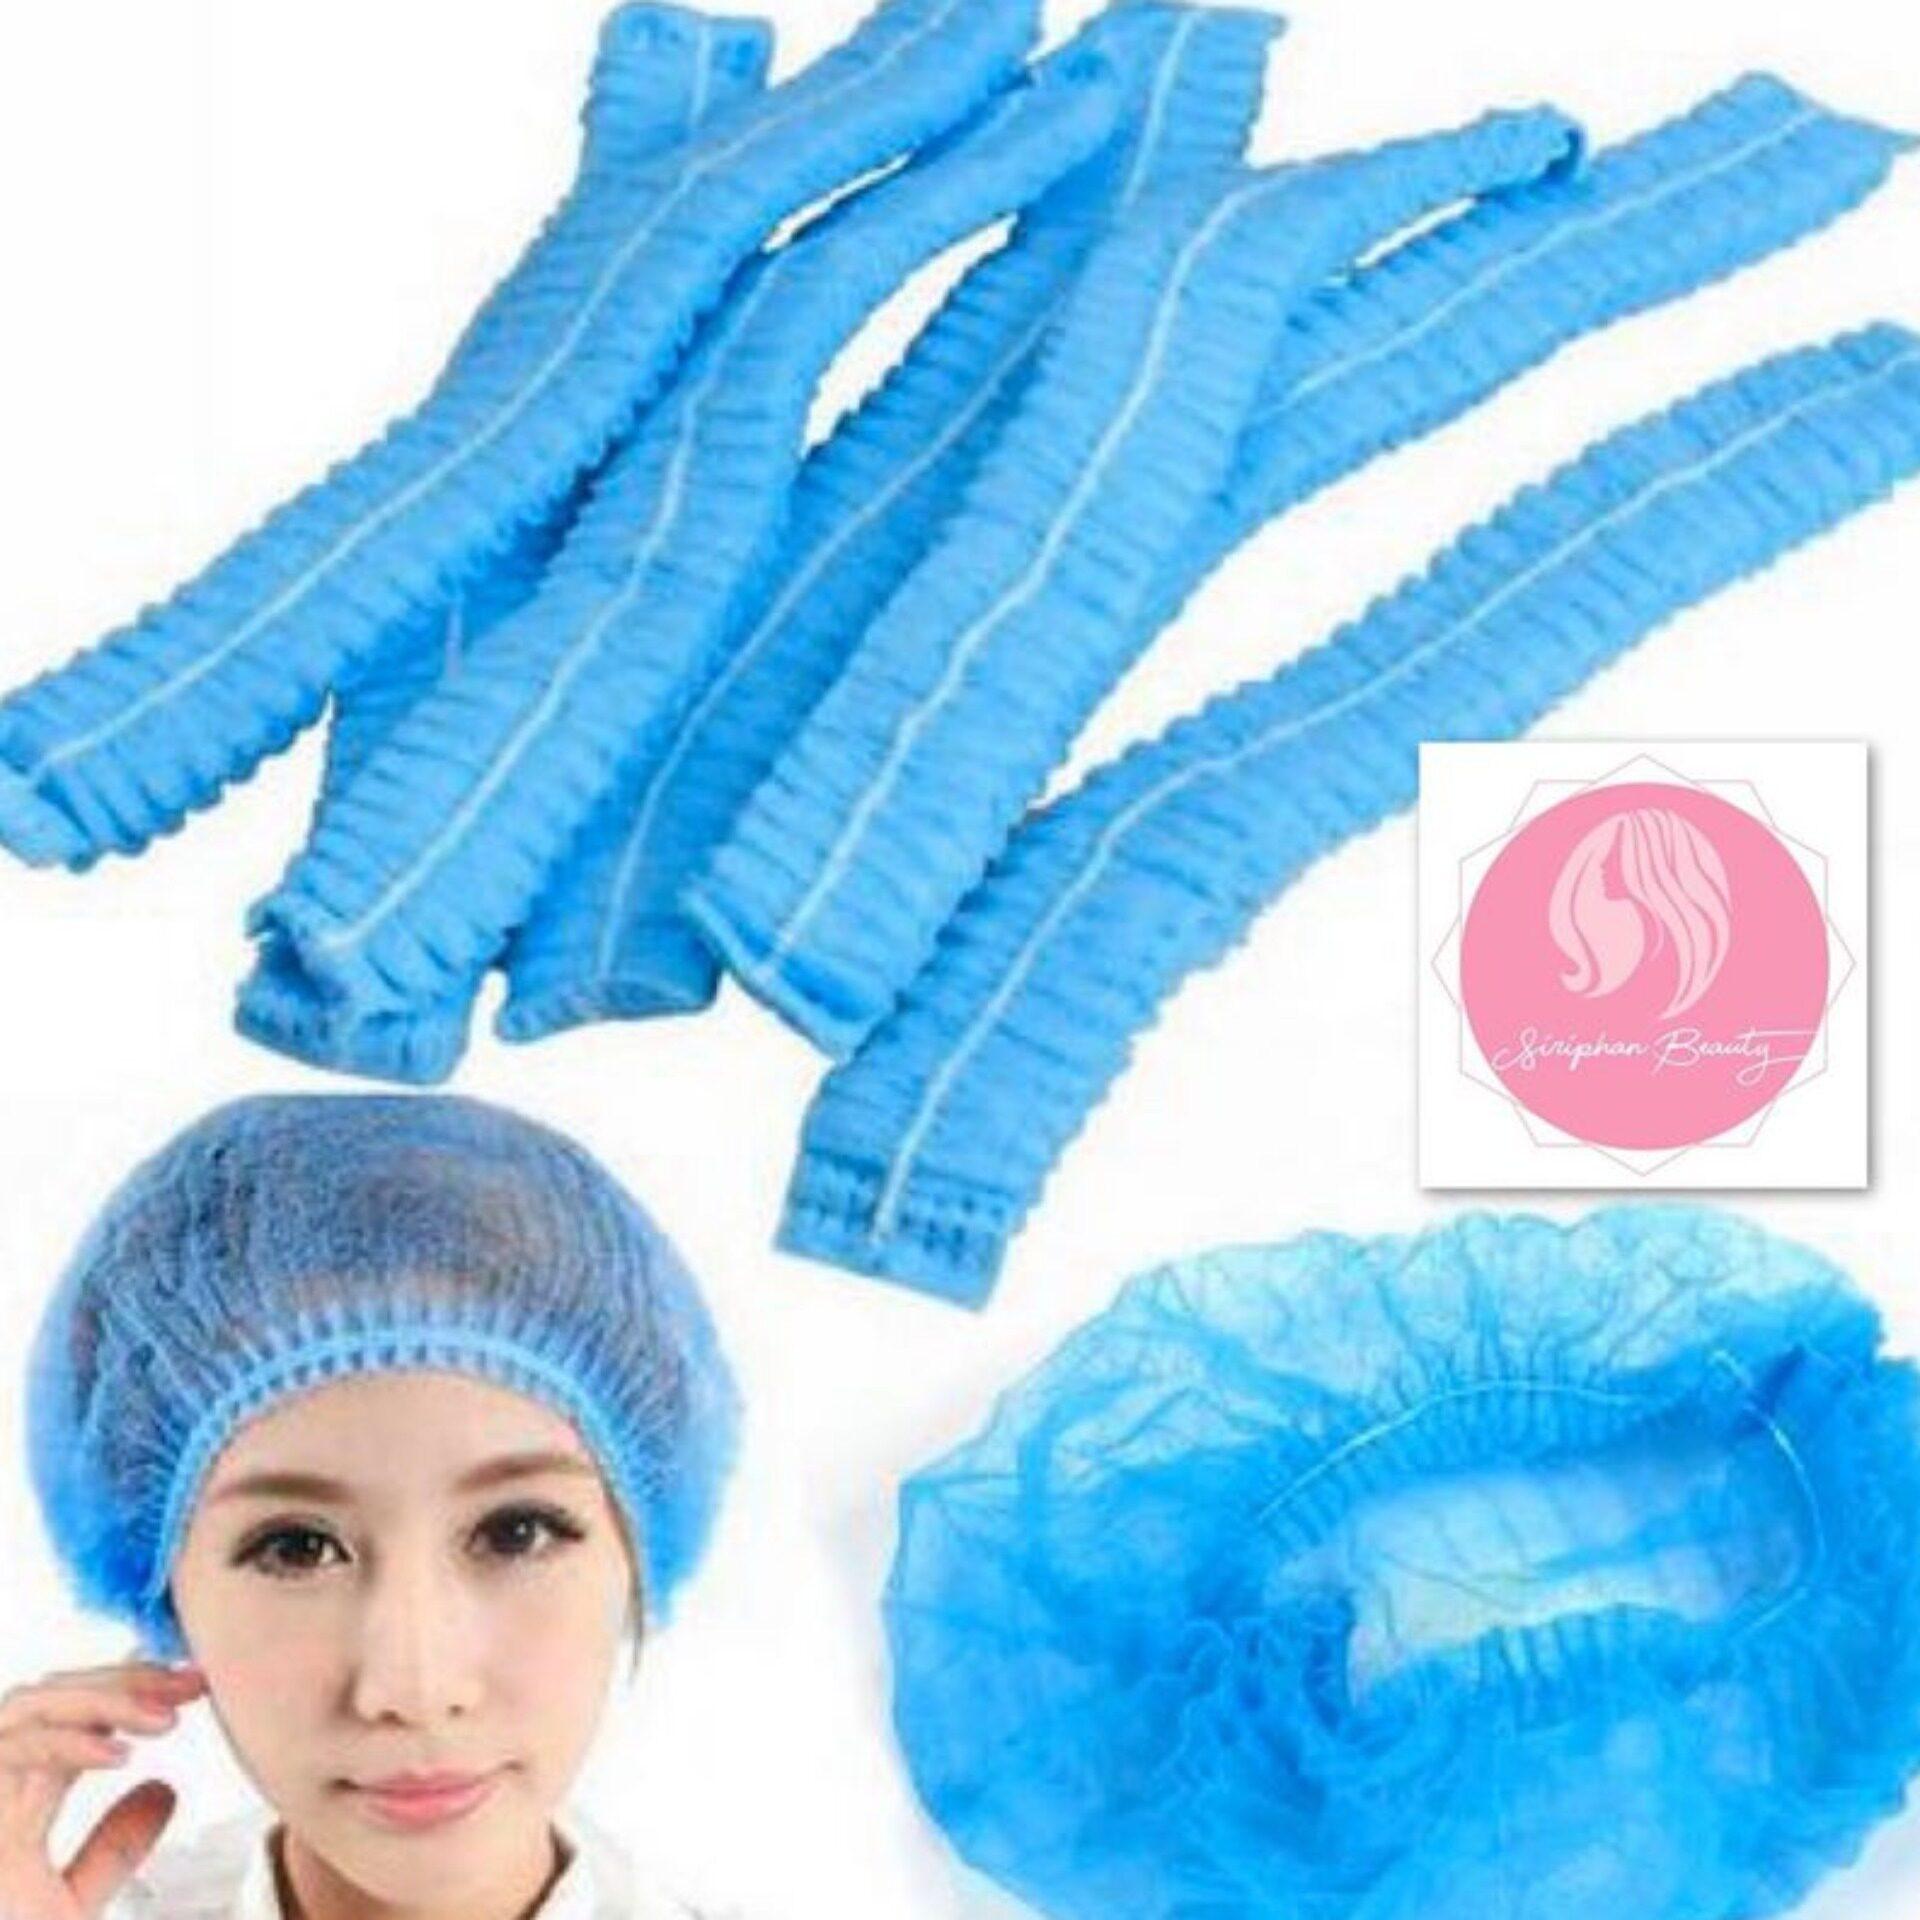 หมวกตัวหนอน / หมวกคุมผม / หมวกใยสังเคราะห์ สีฟ้า ( 1 แพ็ค 100 ชิ้น ).